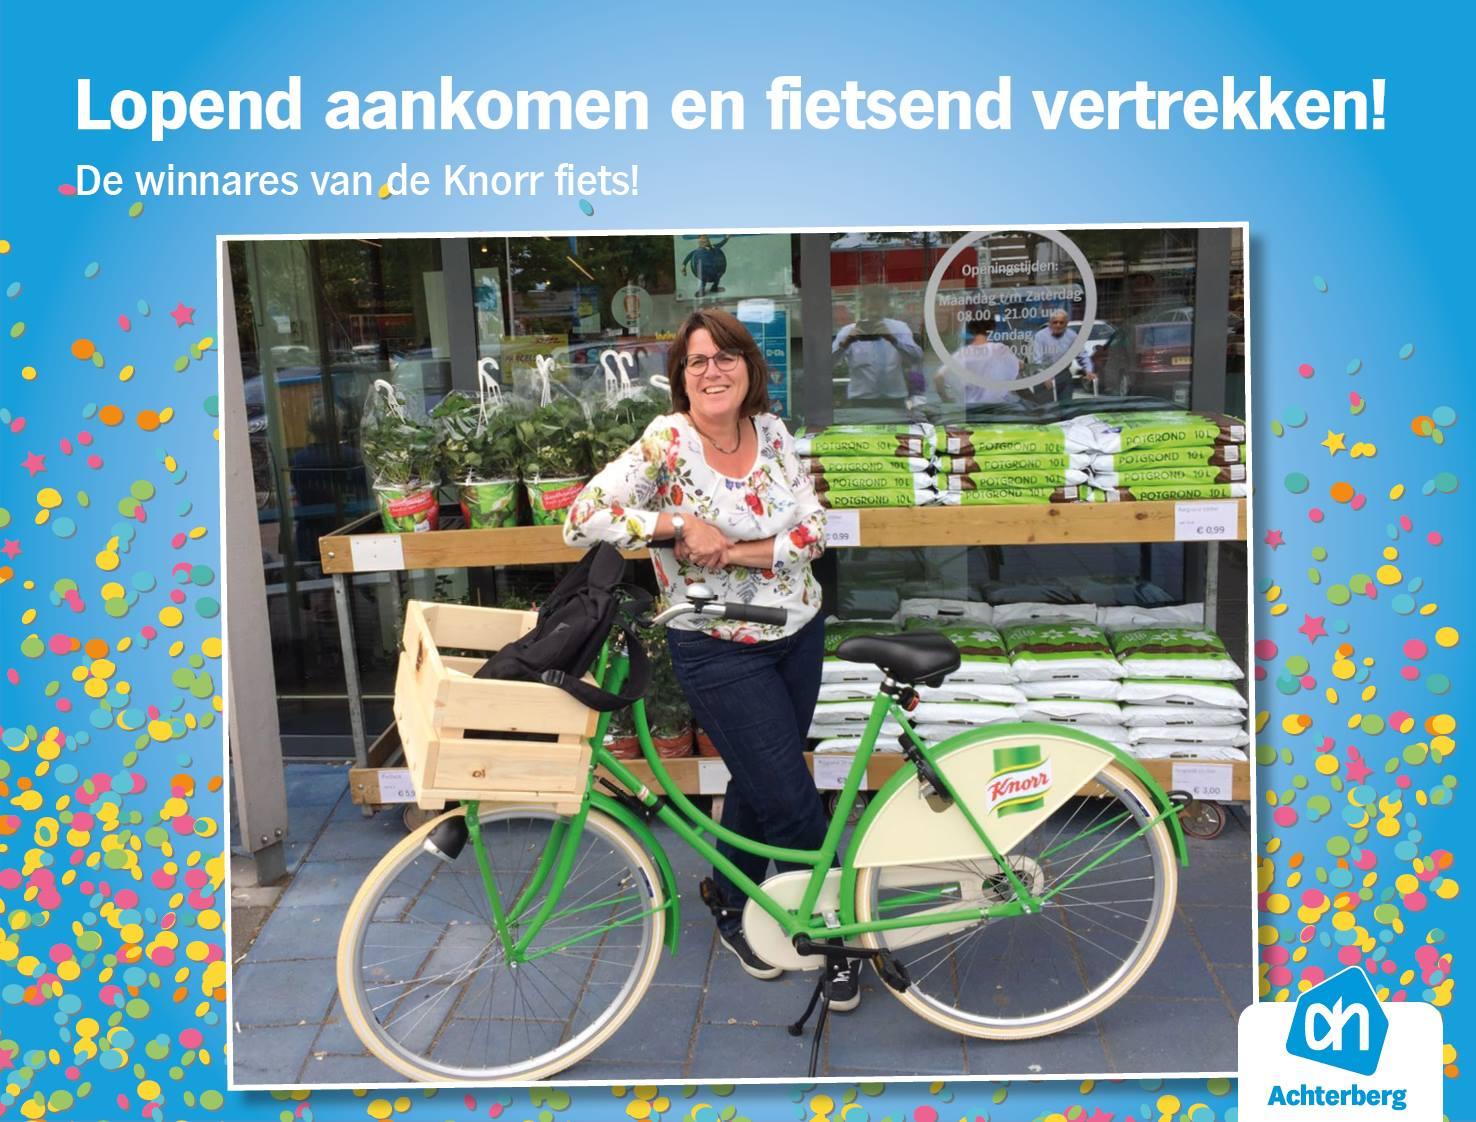 De winnares heeft haar fiets opgehaald!